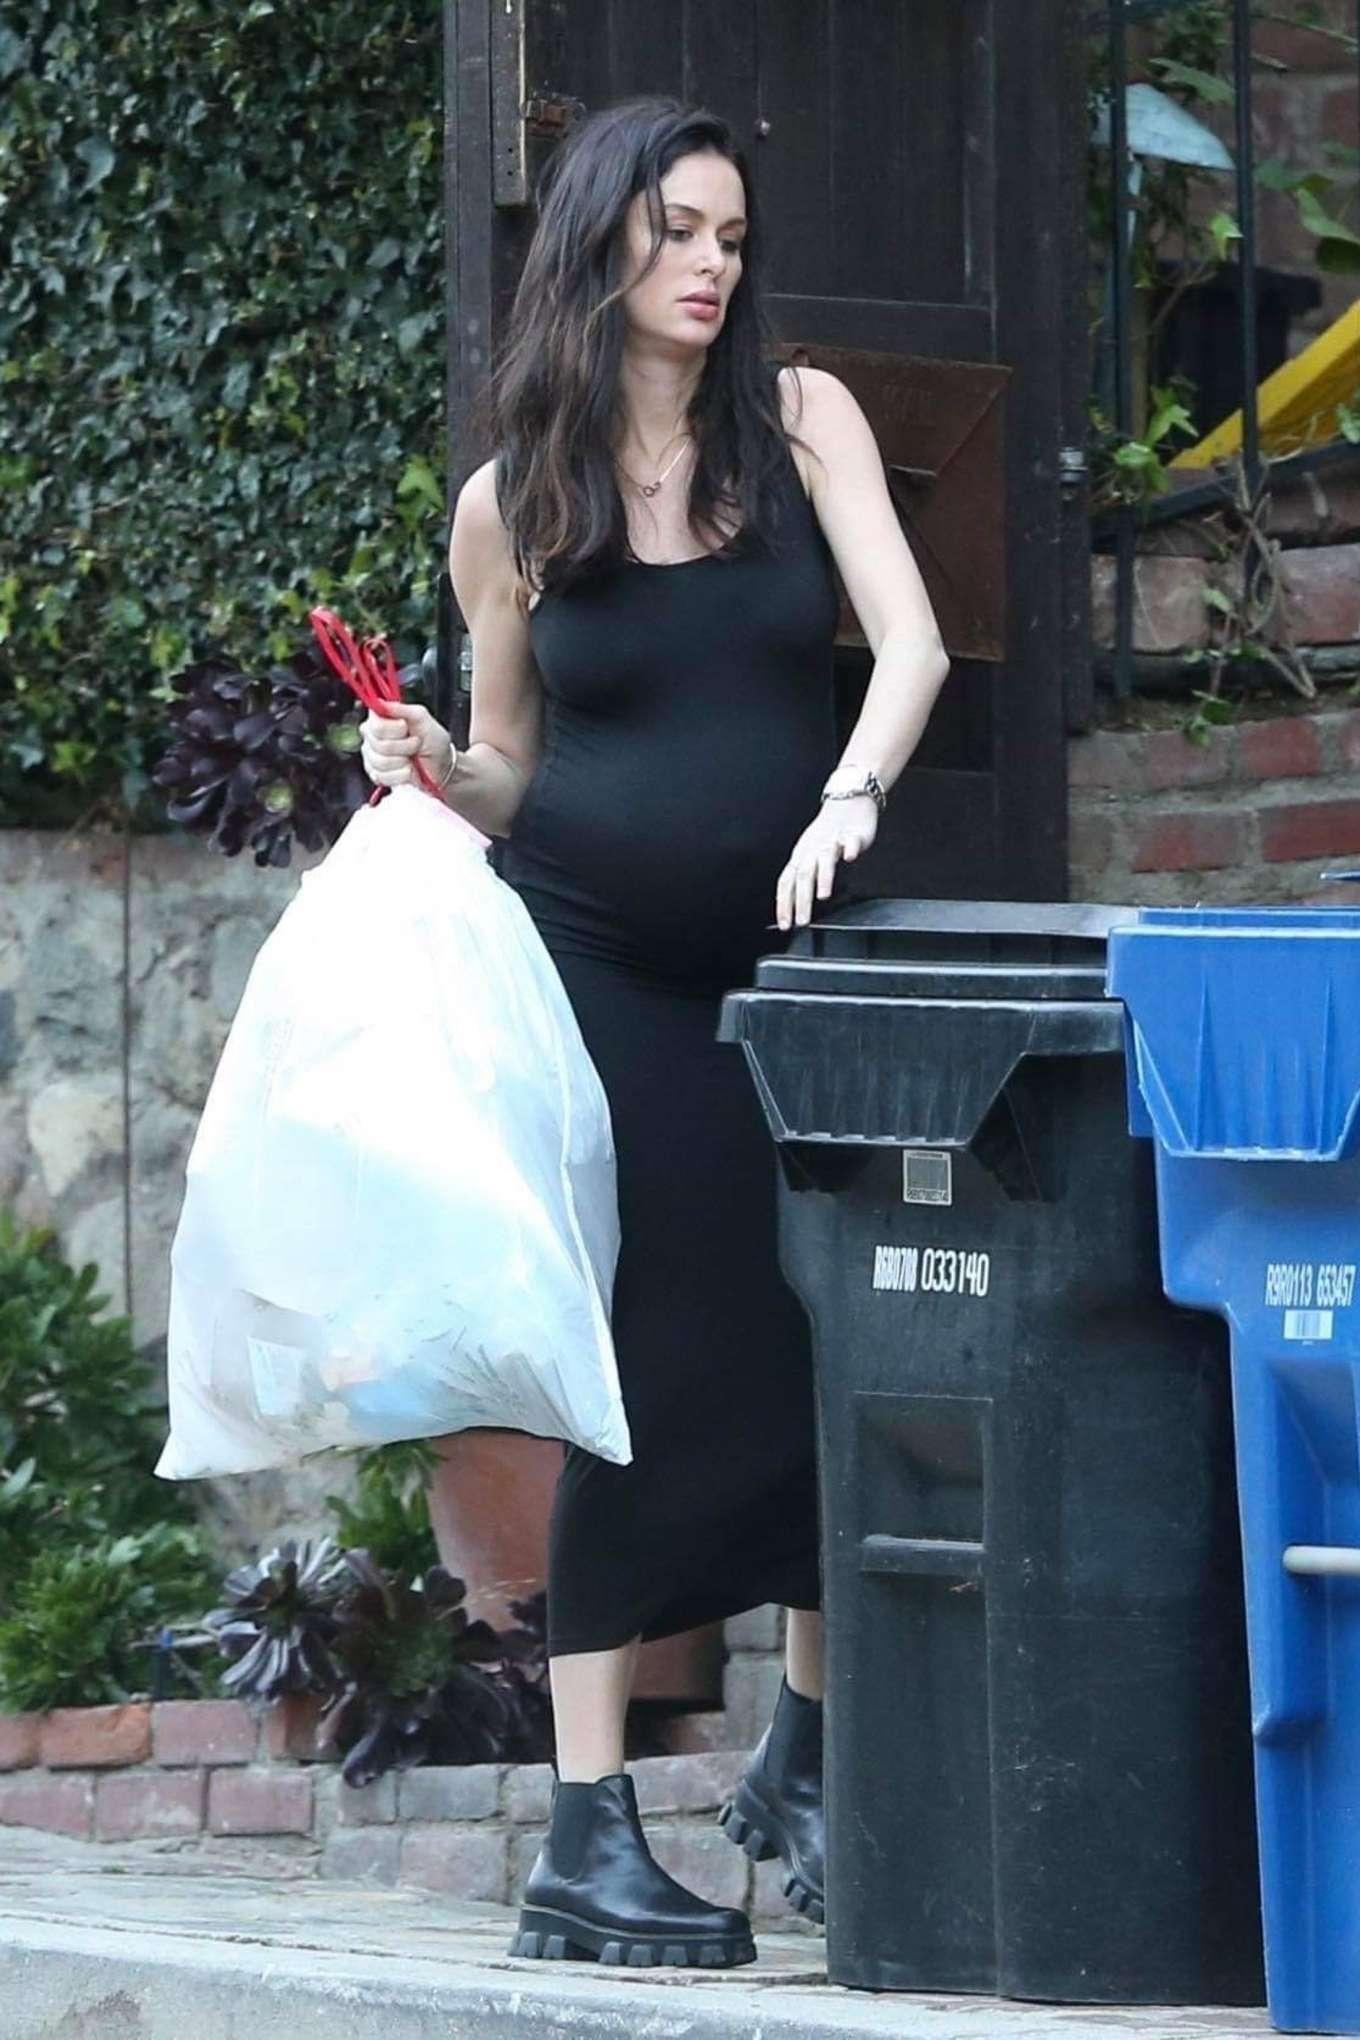 Nicole Trunfio 2020 : Nicole Trunfio taking out the trash-16